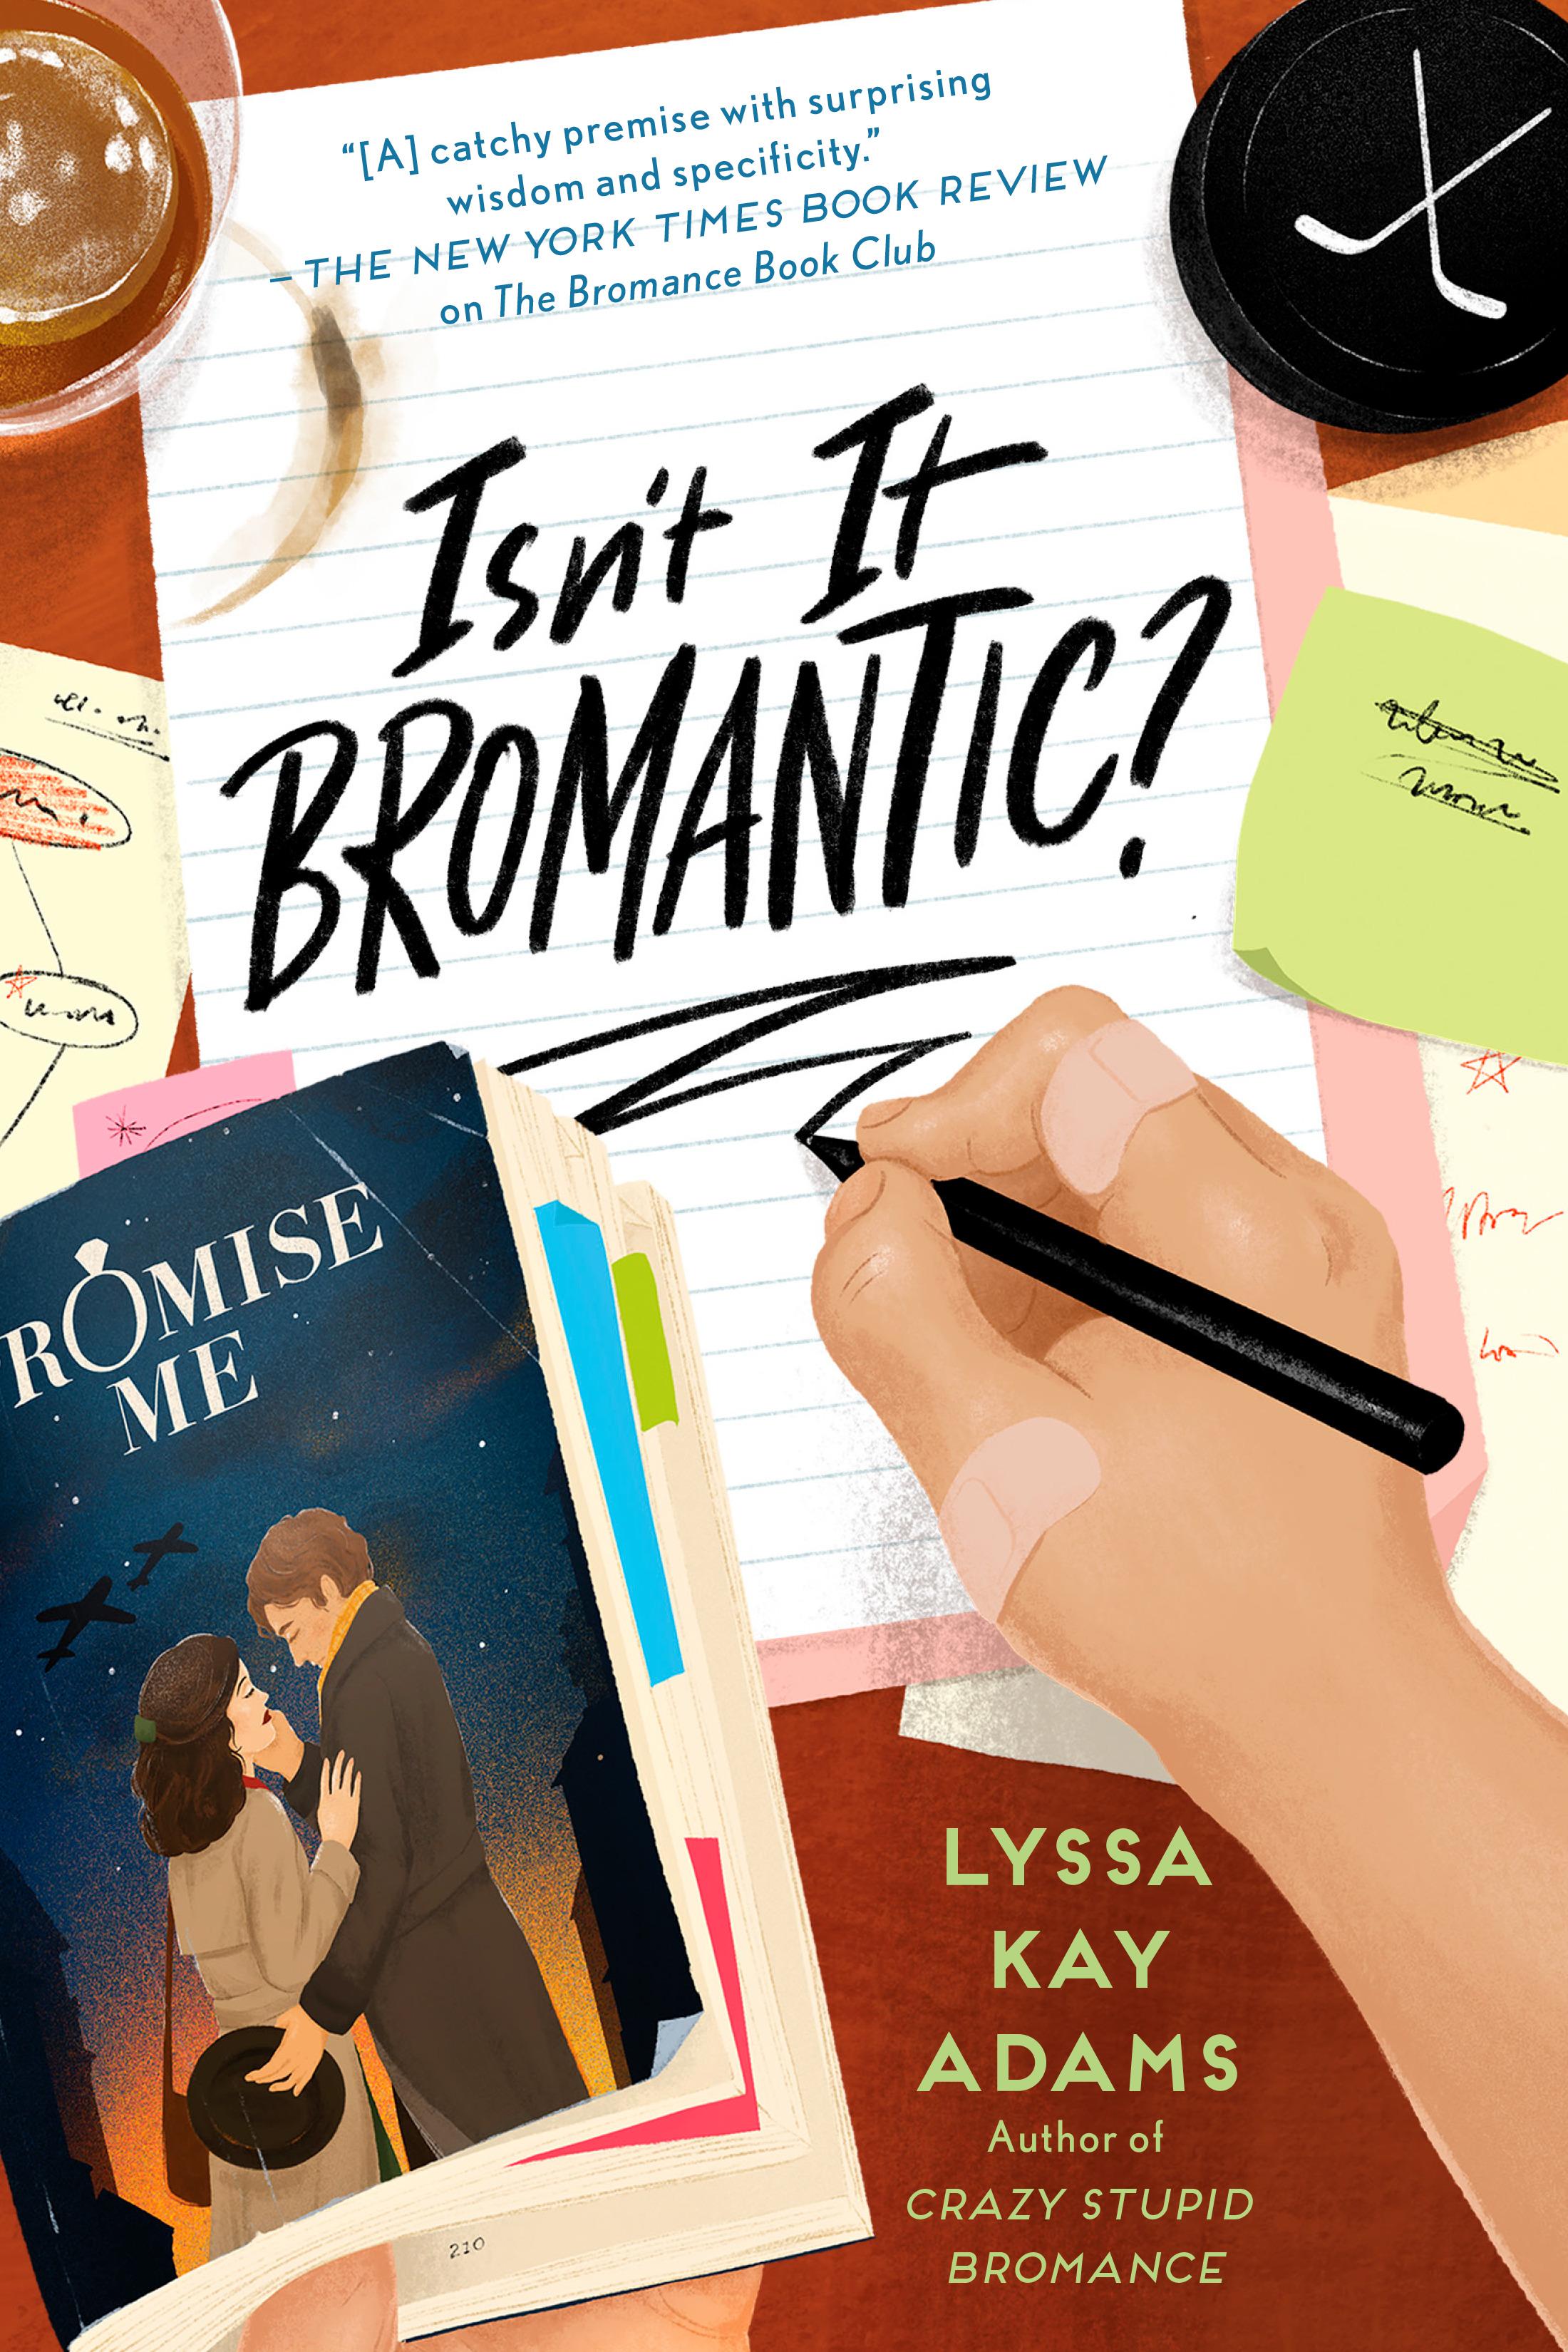 Isn't It Bromantic? (Bromance Book Club, #4) by Lyssa Kay Adams